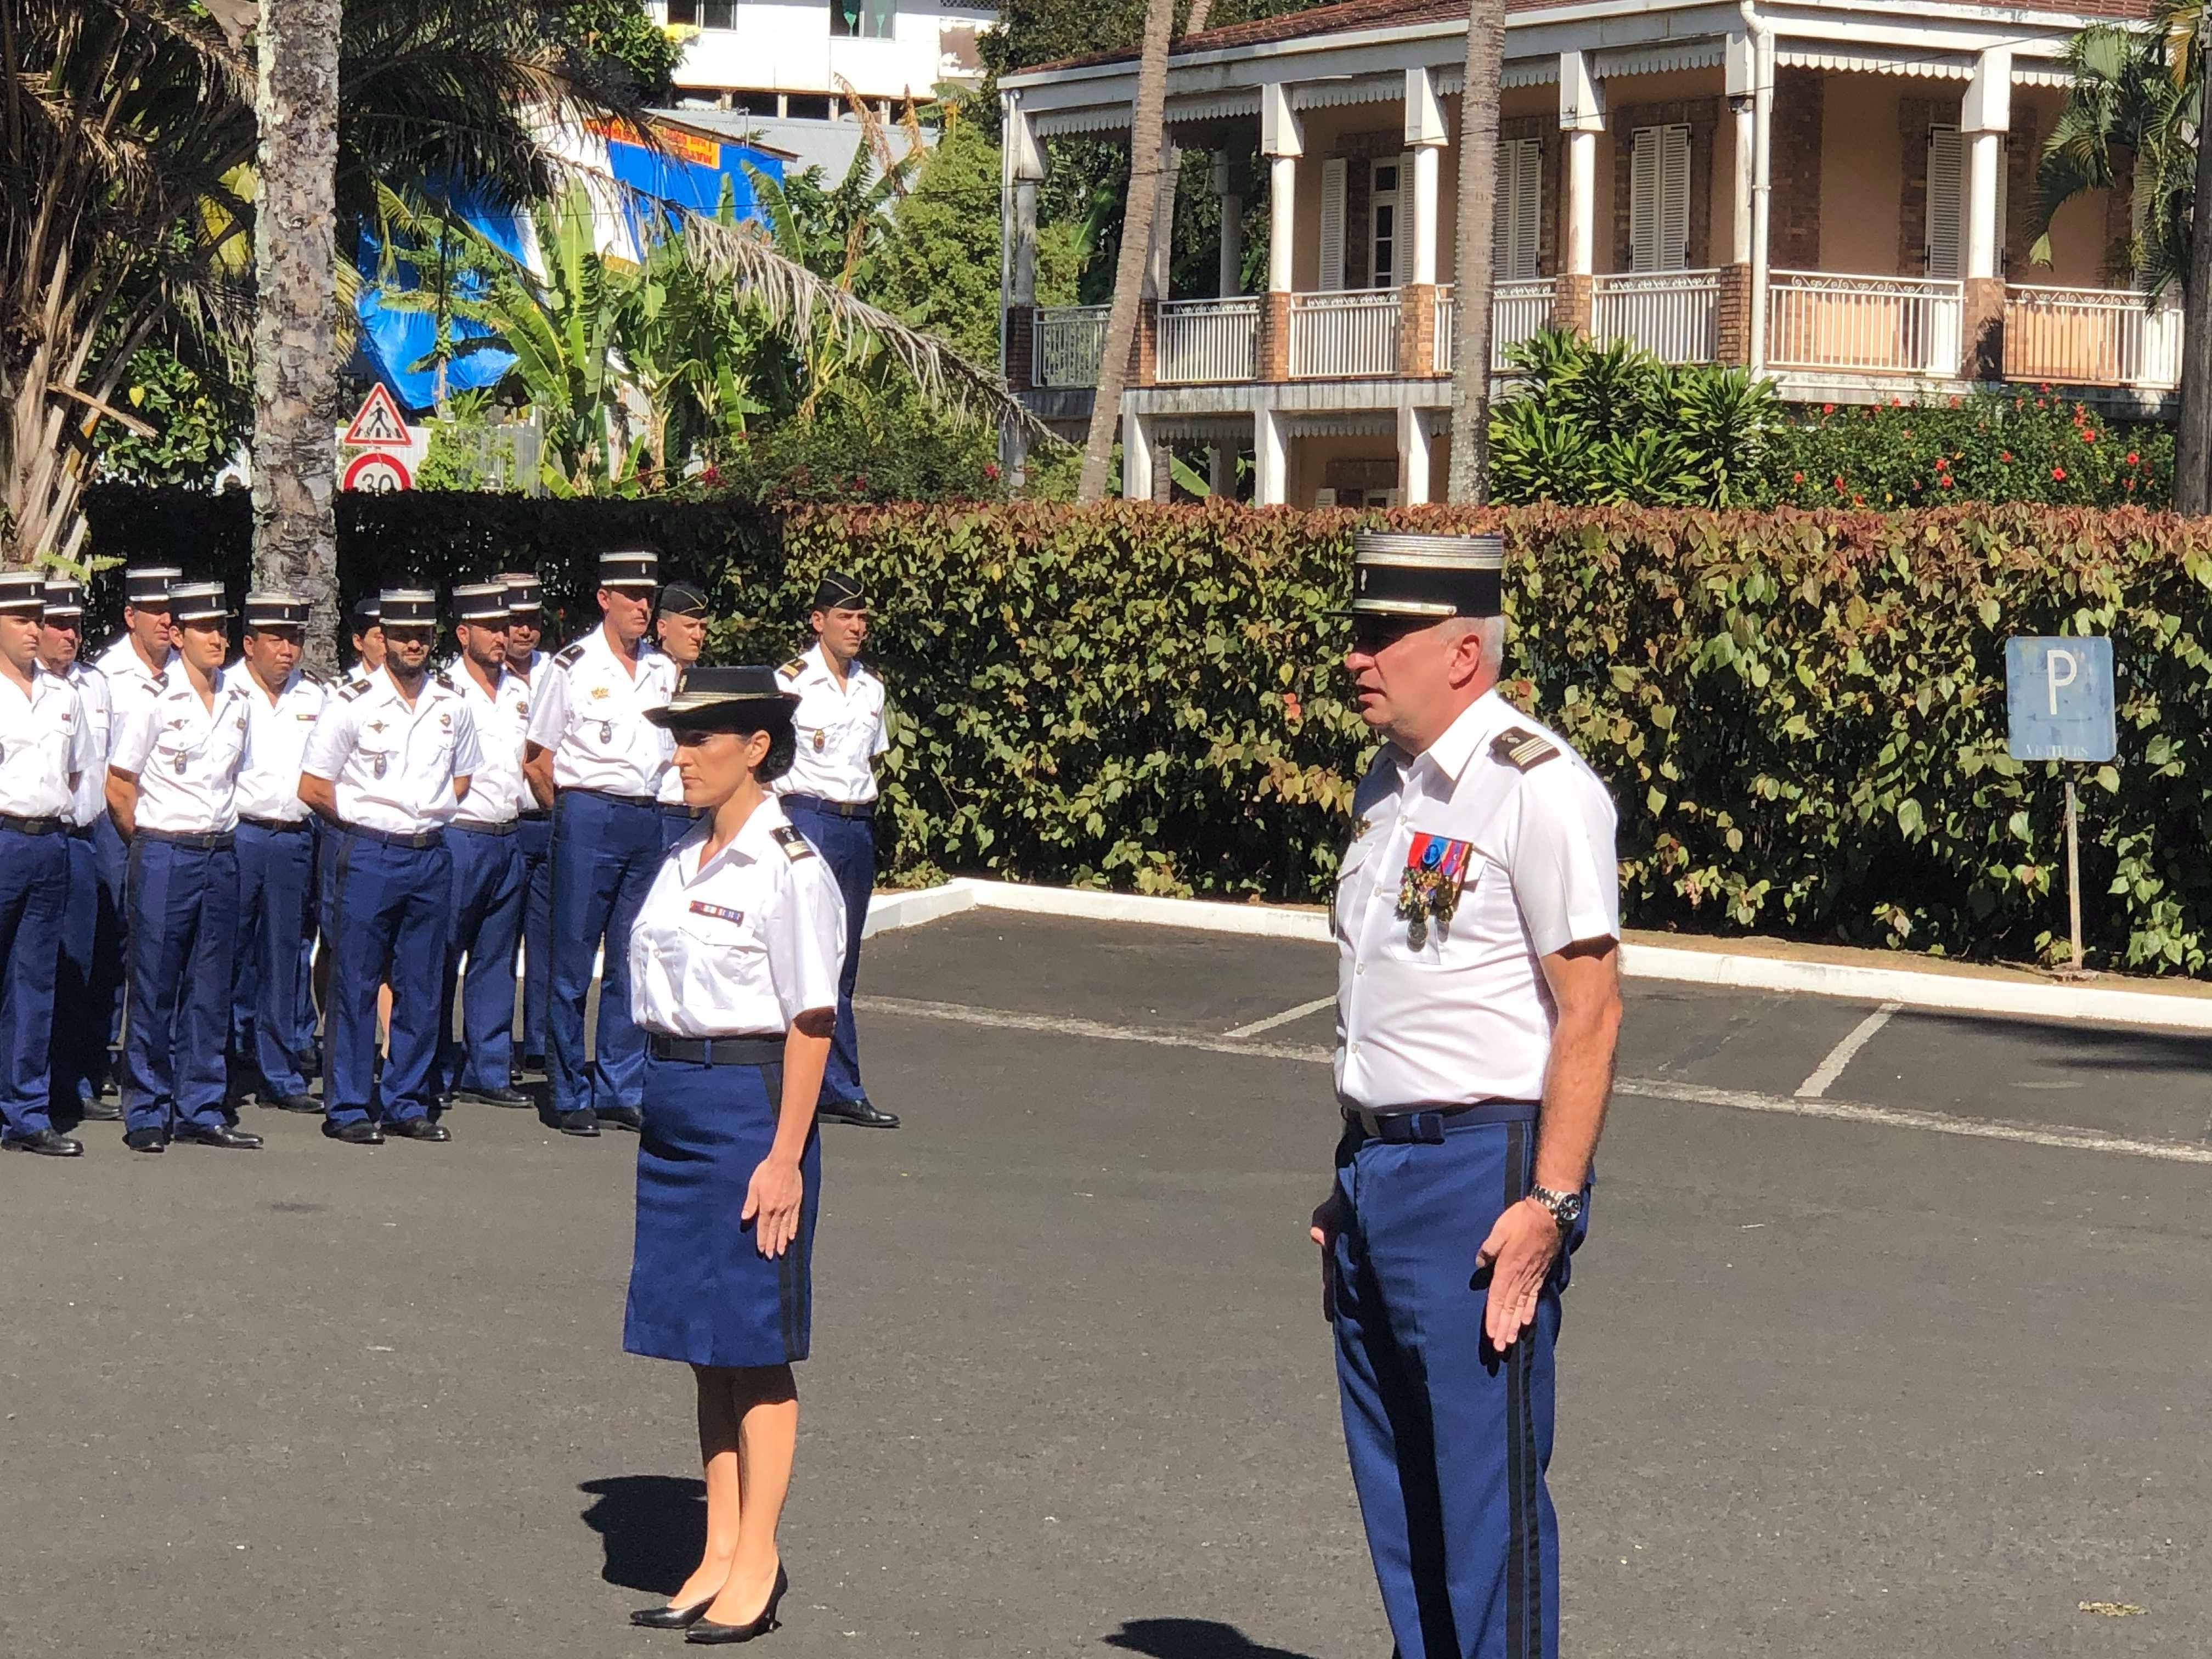 Le colonel Frédéric Boudier a officiellement installé mardi le nouveau commandant de la Section de recherches de Papeete, le lieutenant-colonel Christelle Tarrolle.